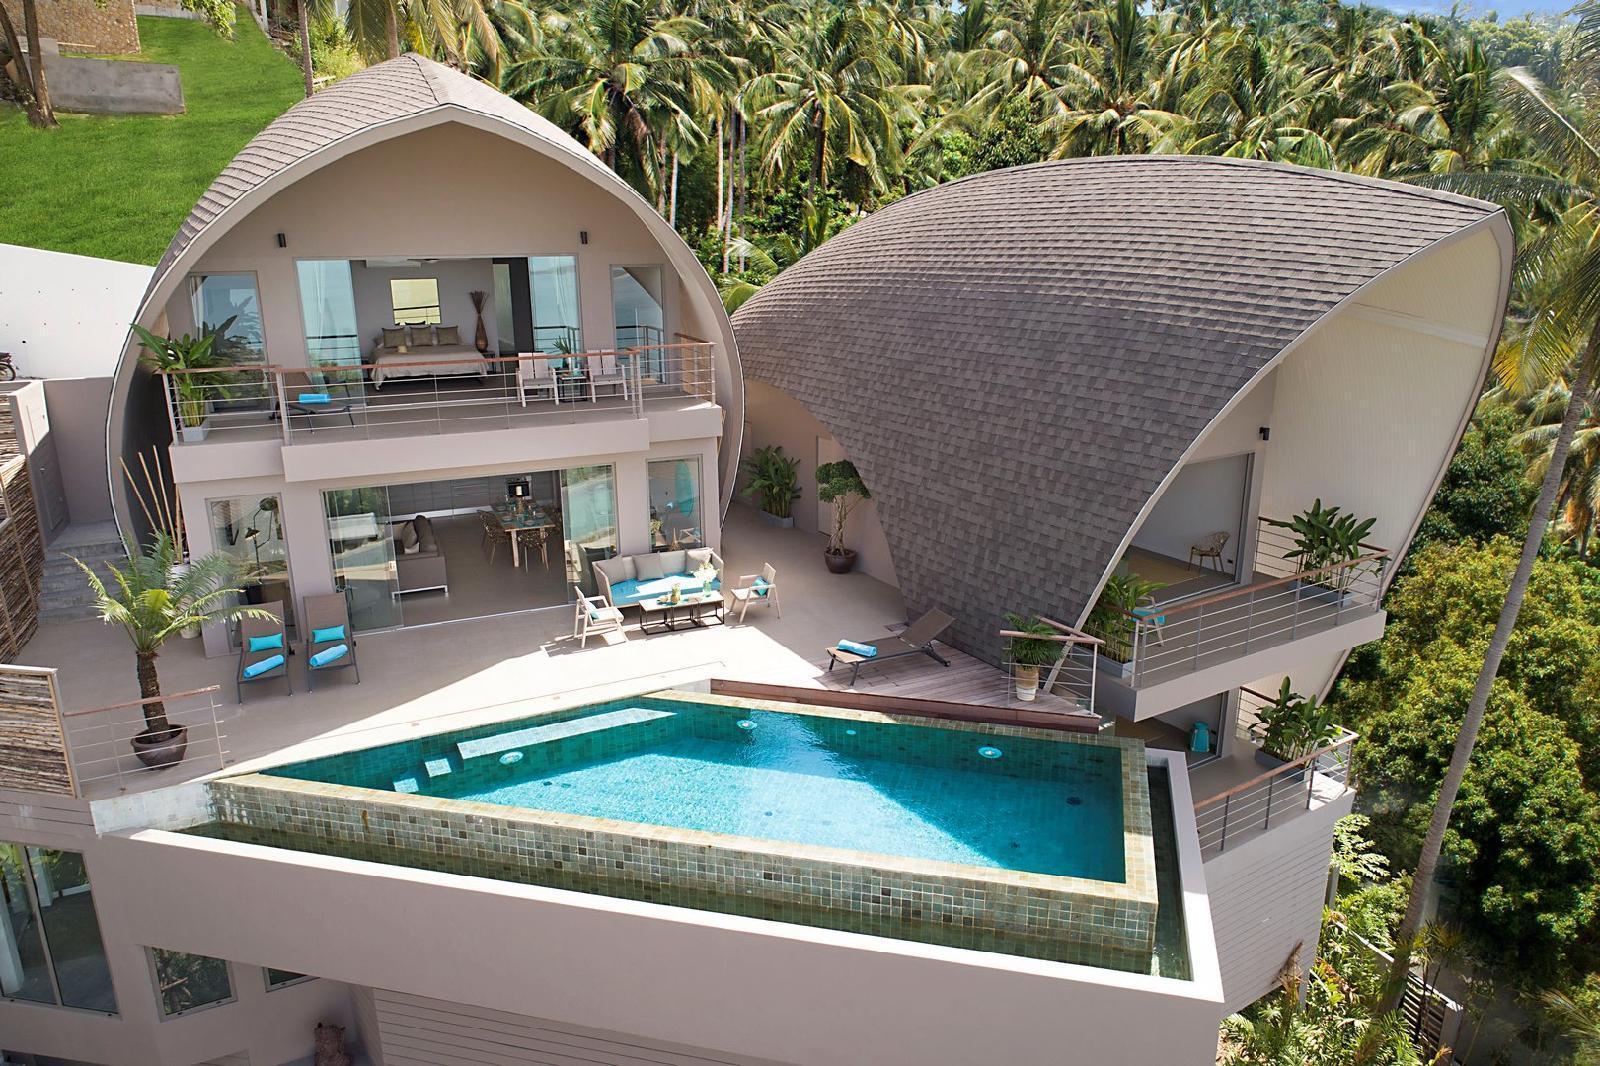 Villa Tao Private Pool villa at Comoon Villas Villa Tao Private Pool villa at Comoon Villas